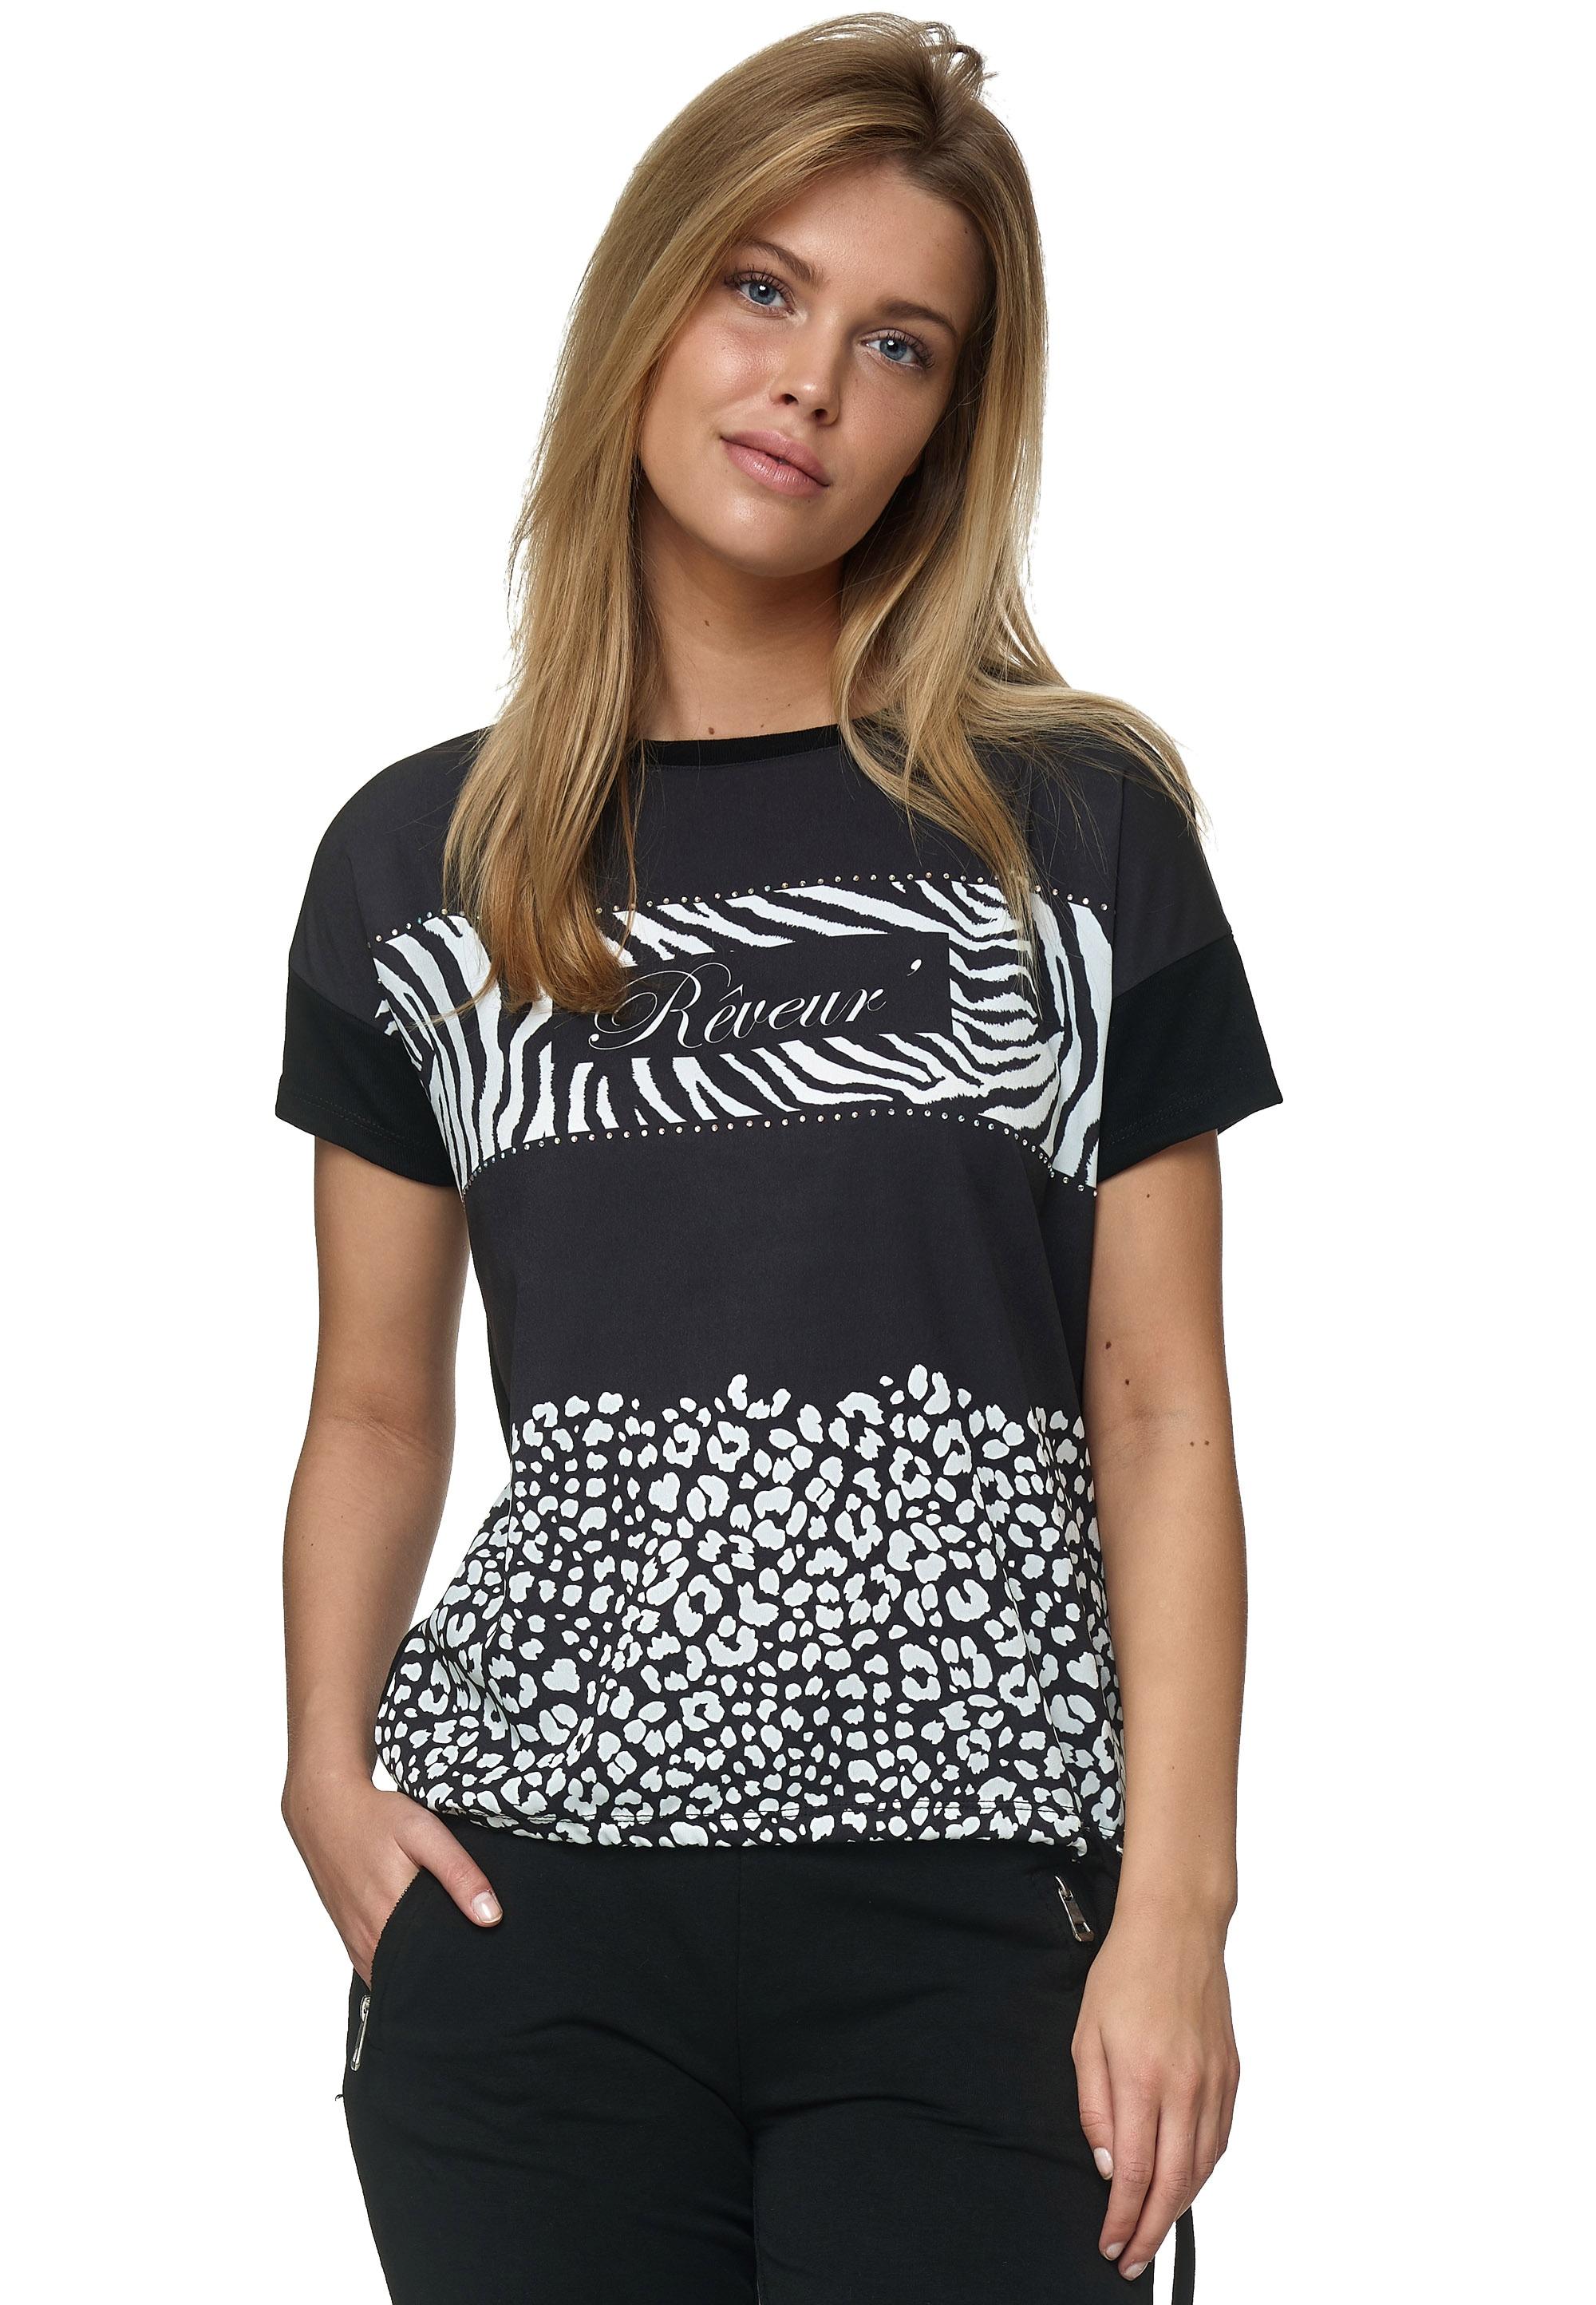 decay tshirt leo zibra Cooles T Shirt für Damen von Decay AKLBB1152415951